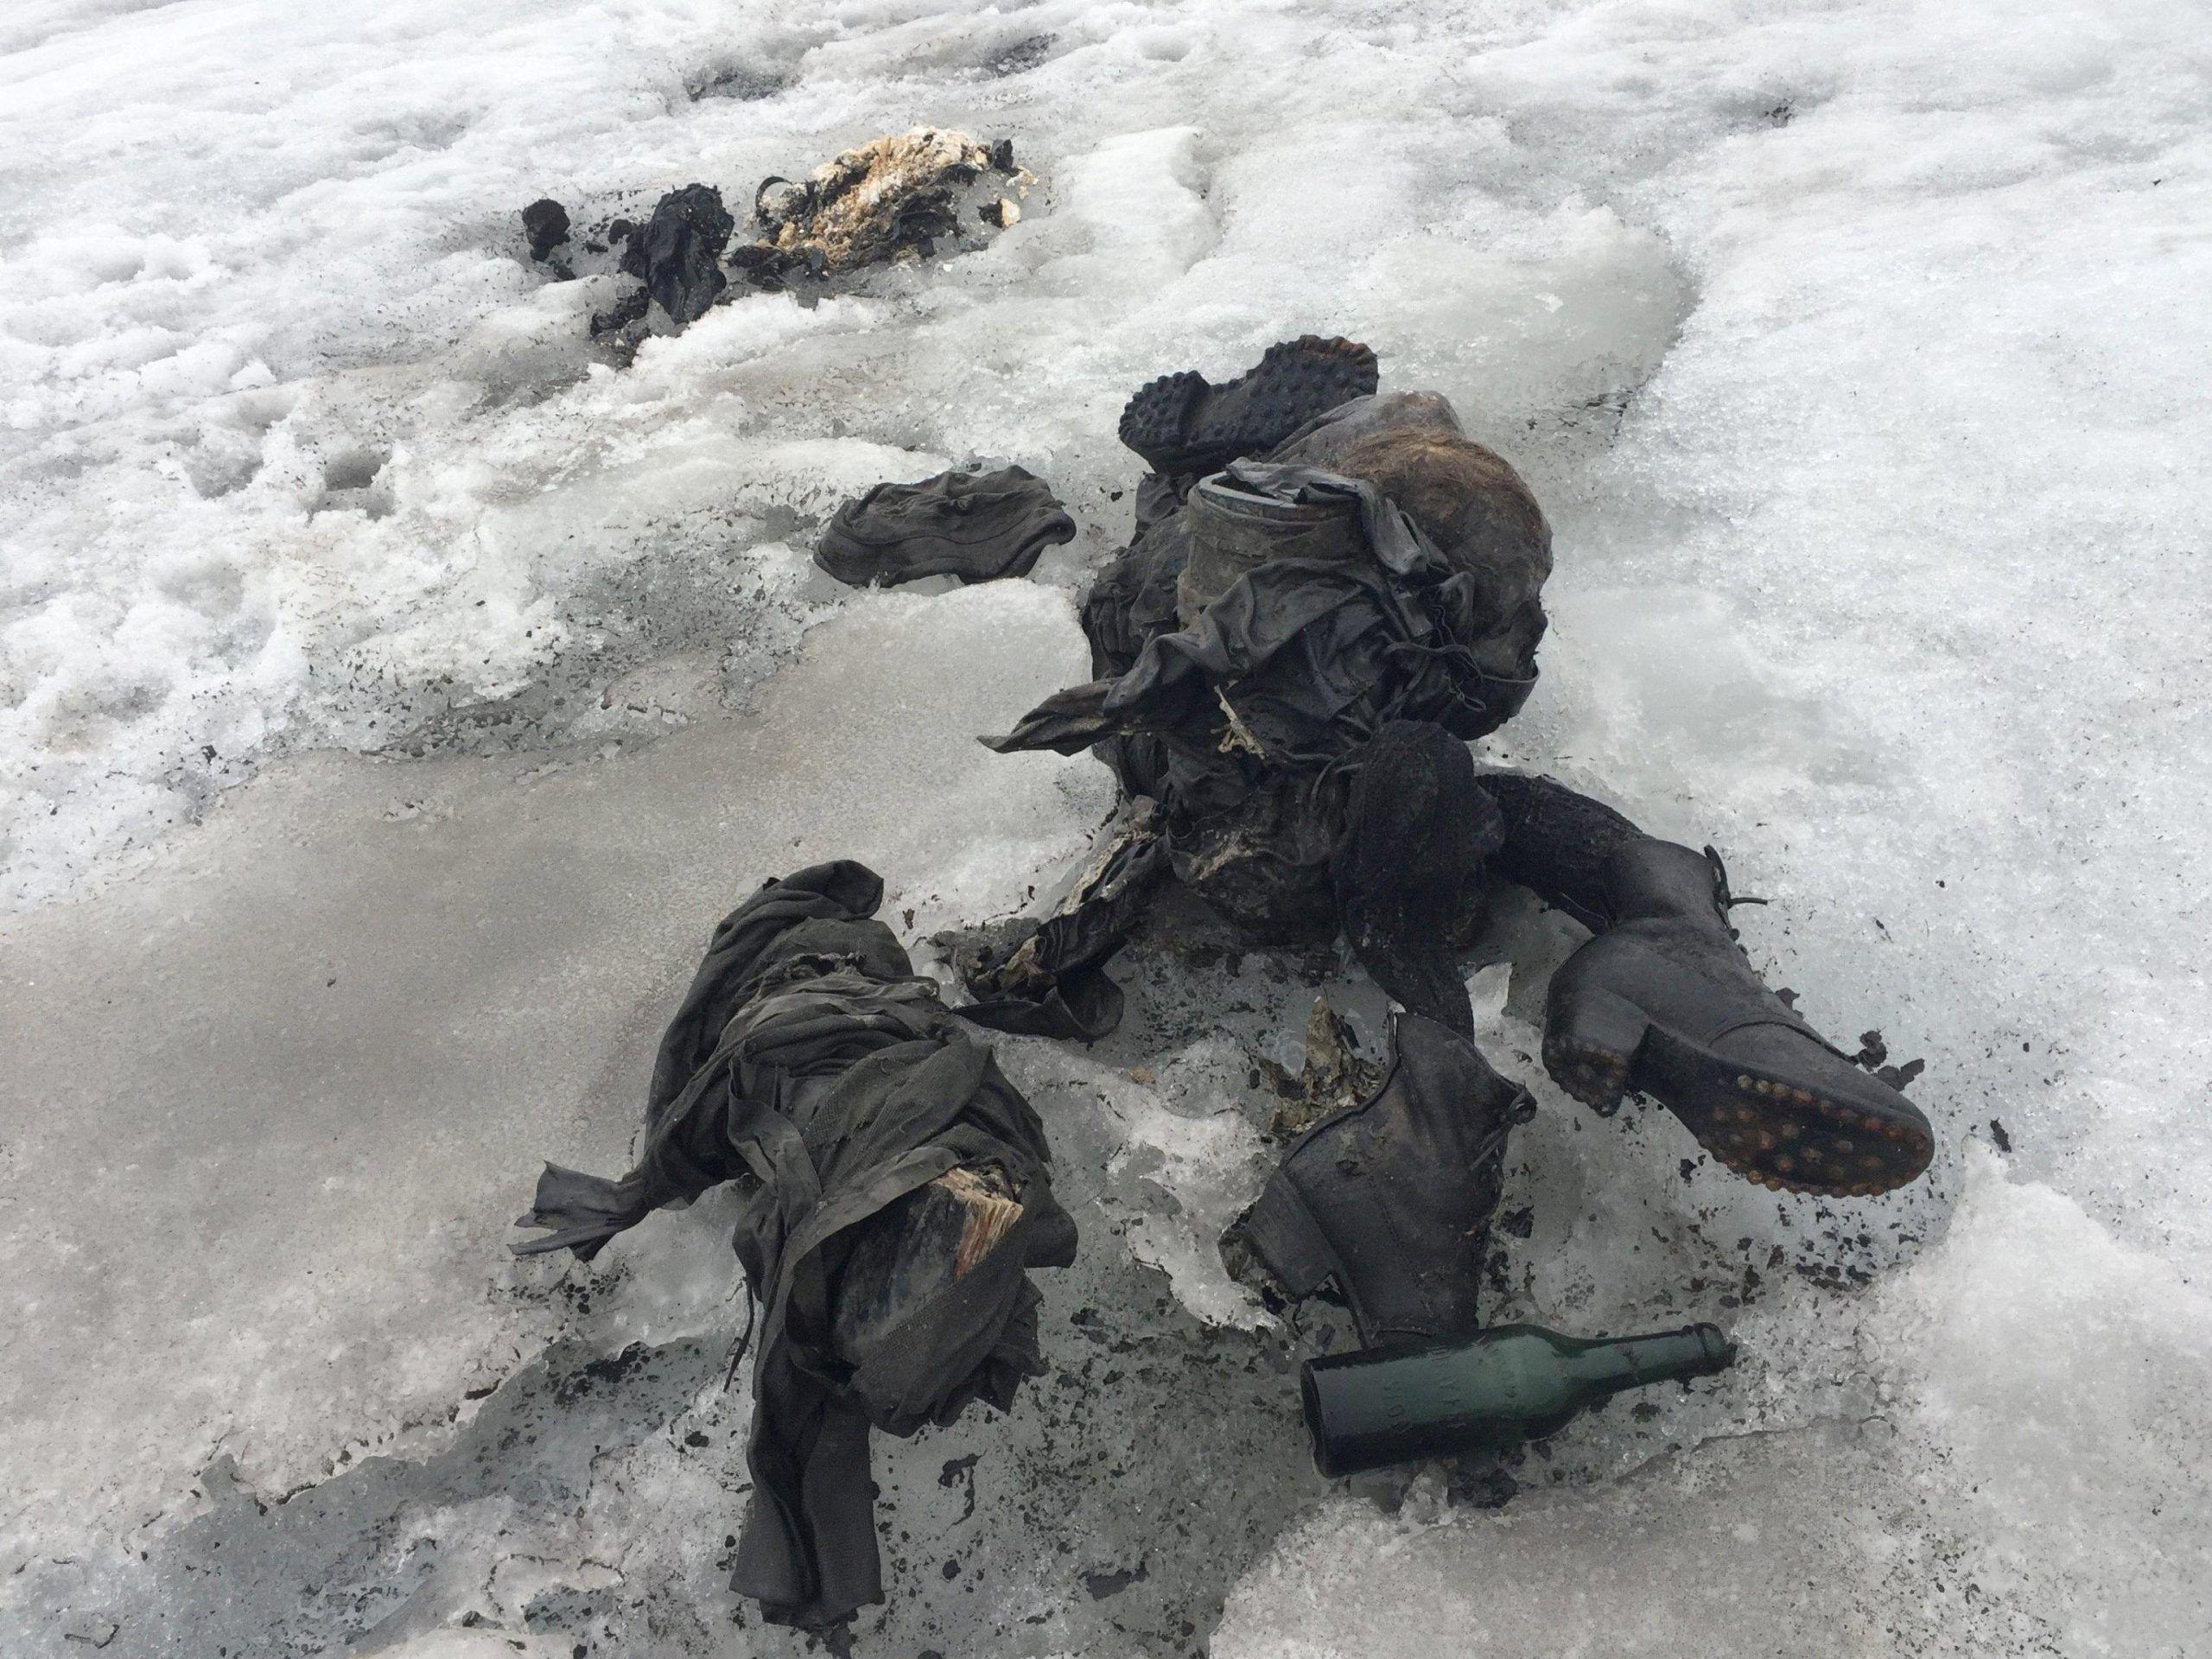 I corpi di una coppia svizzera scomparsa 75 anni fa sono stati ritrovati sul ghiacciaio